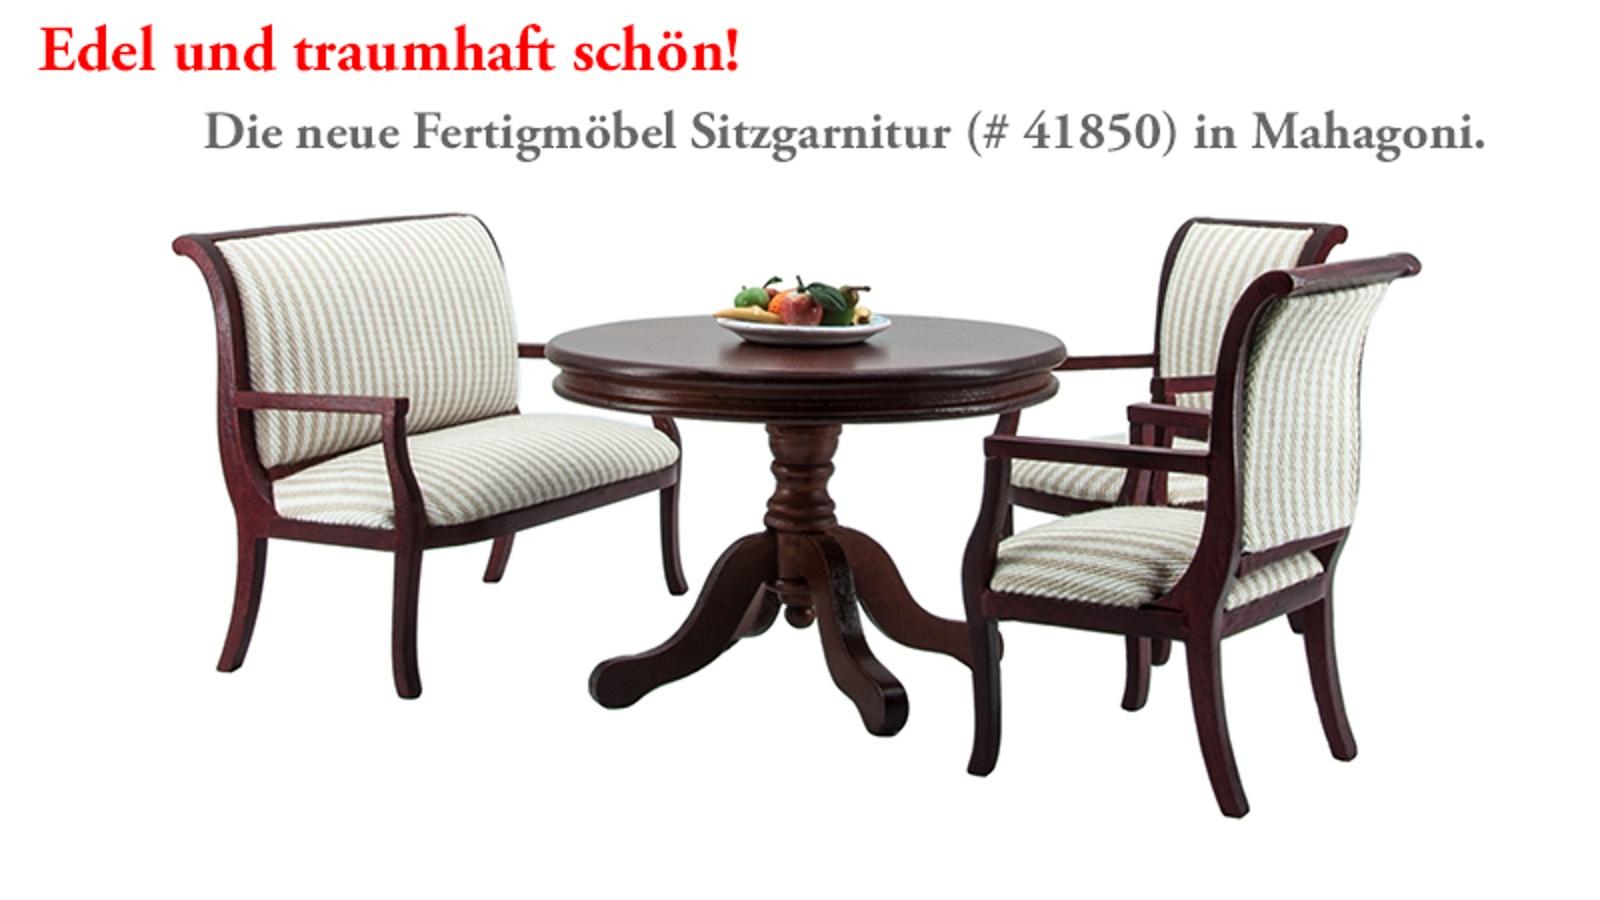 Ebenfalls neu: Der passende runde Tisch (# 41810)